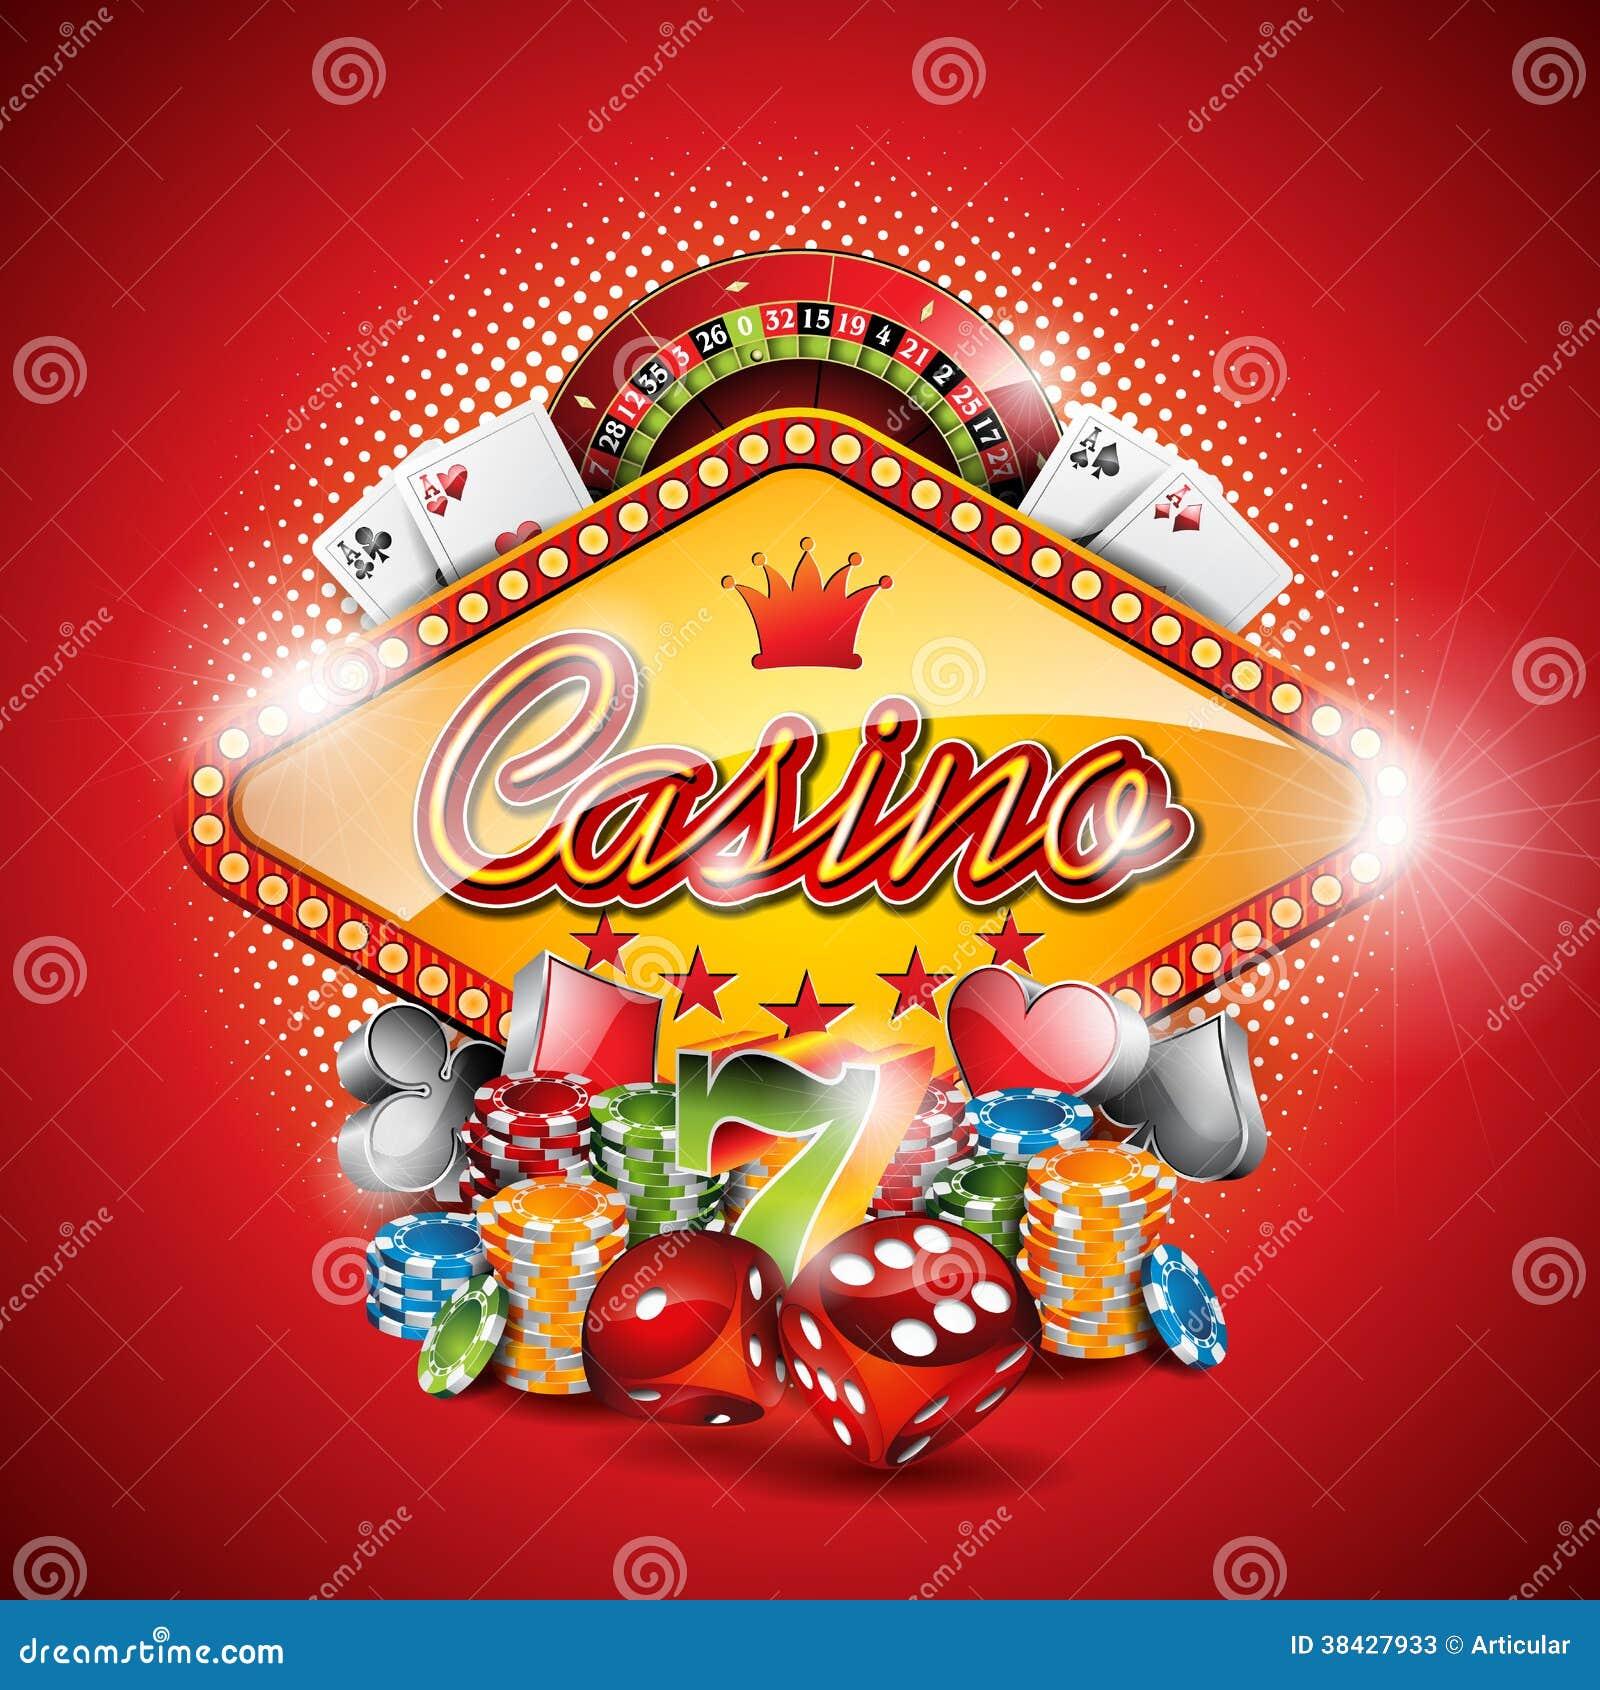 El mejor bono para slots jack point casino 861156